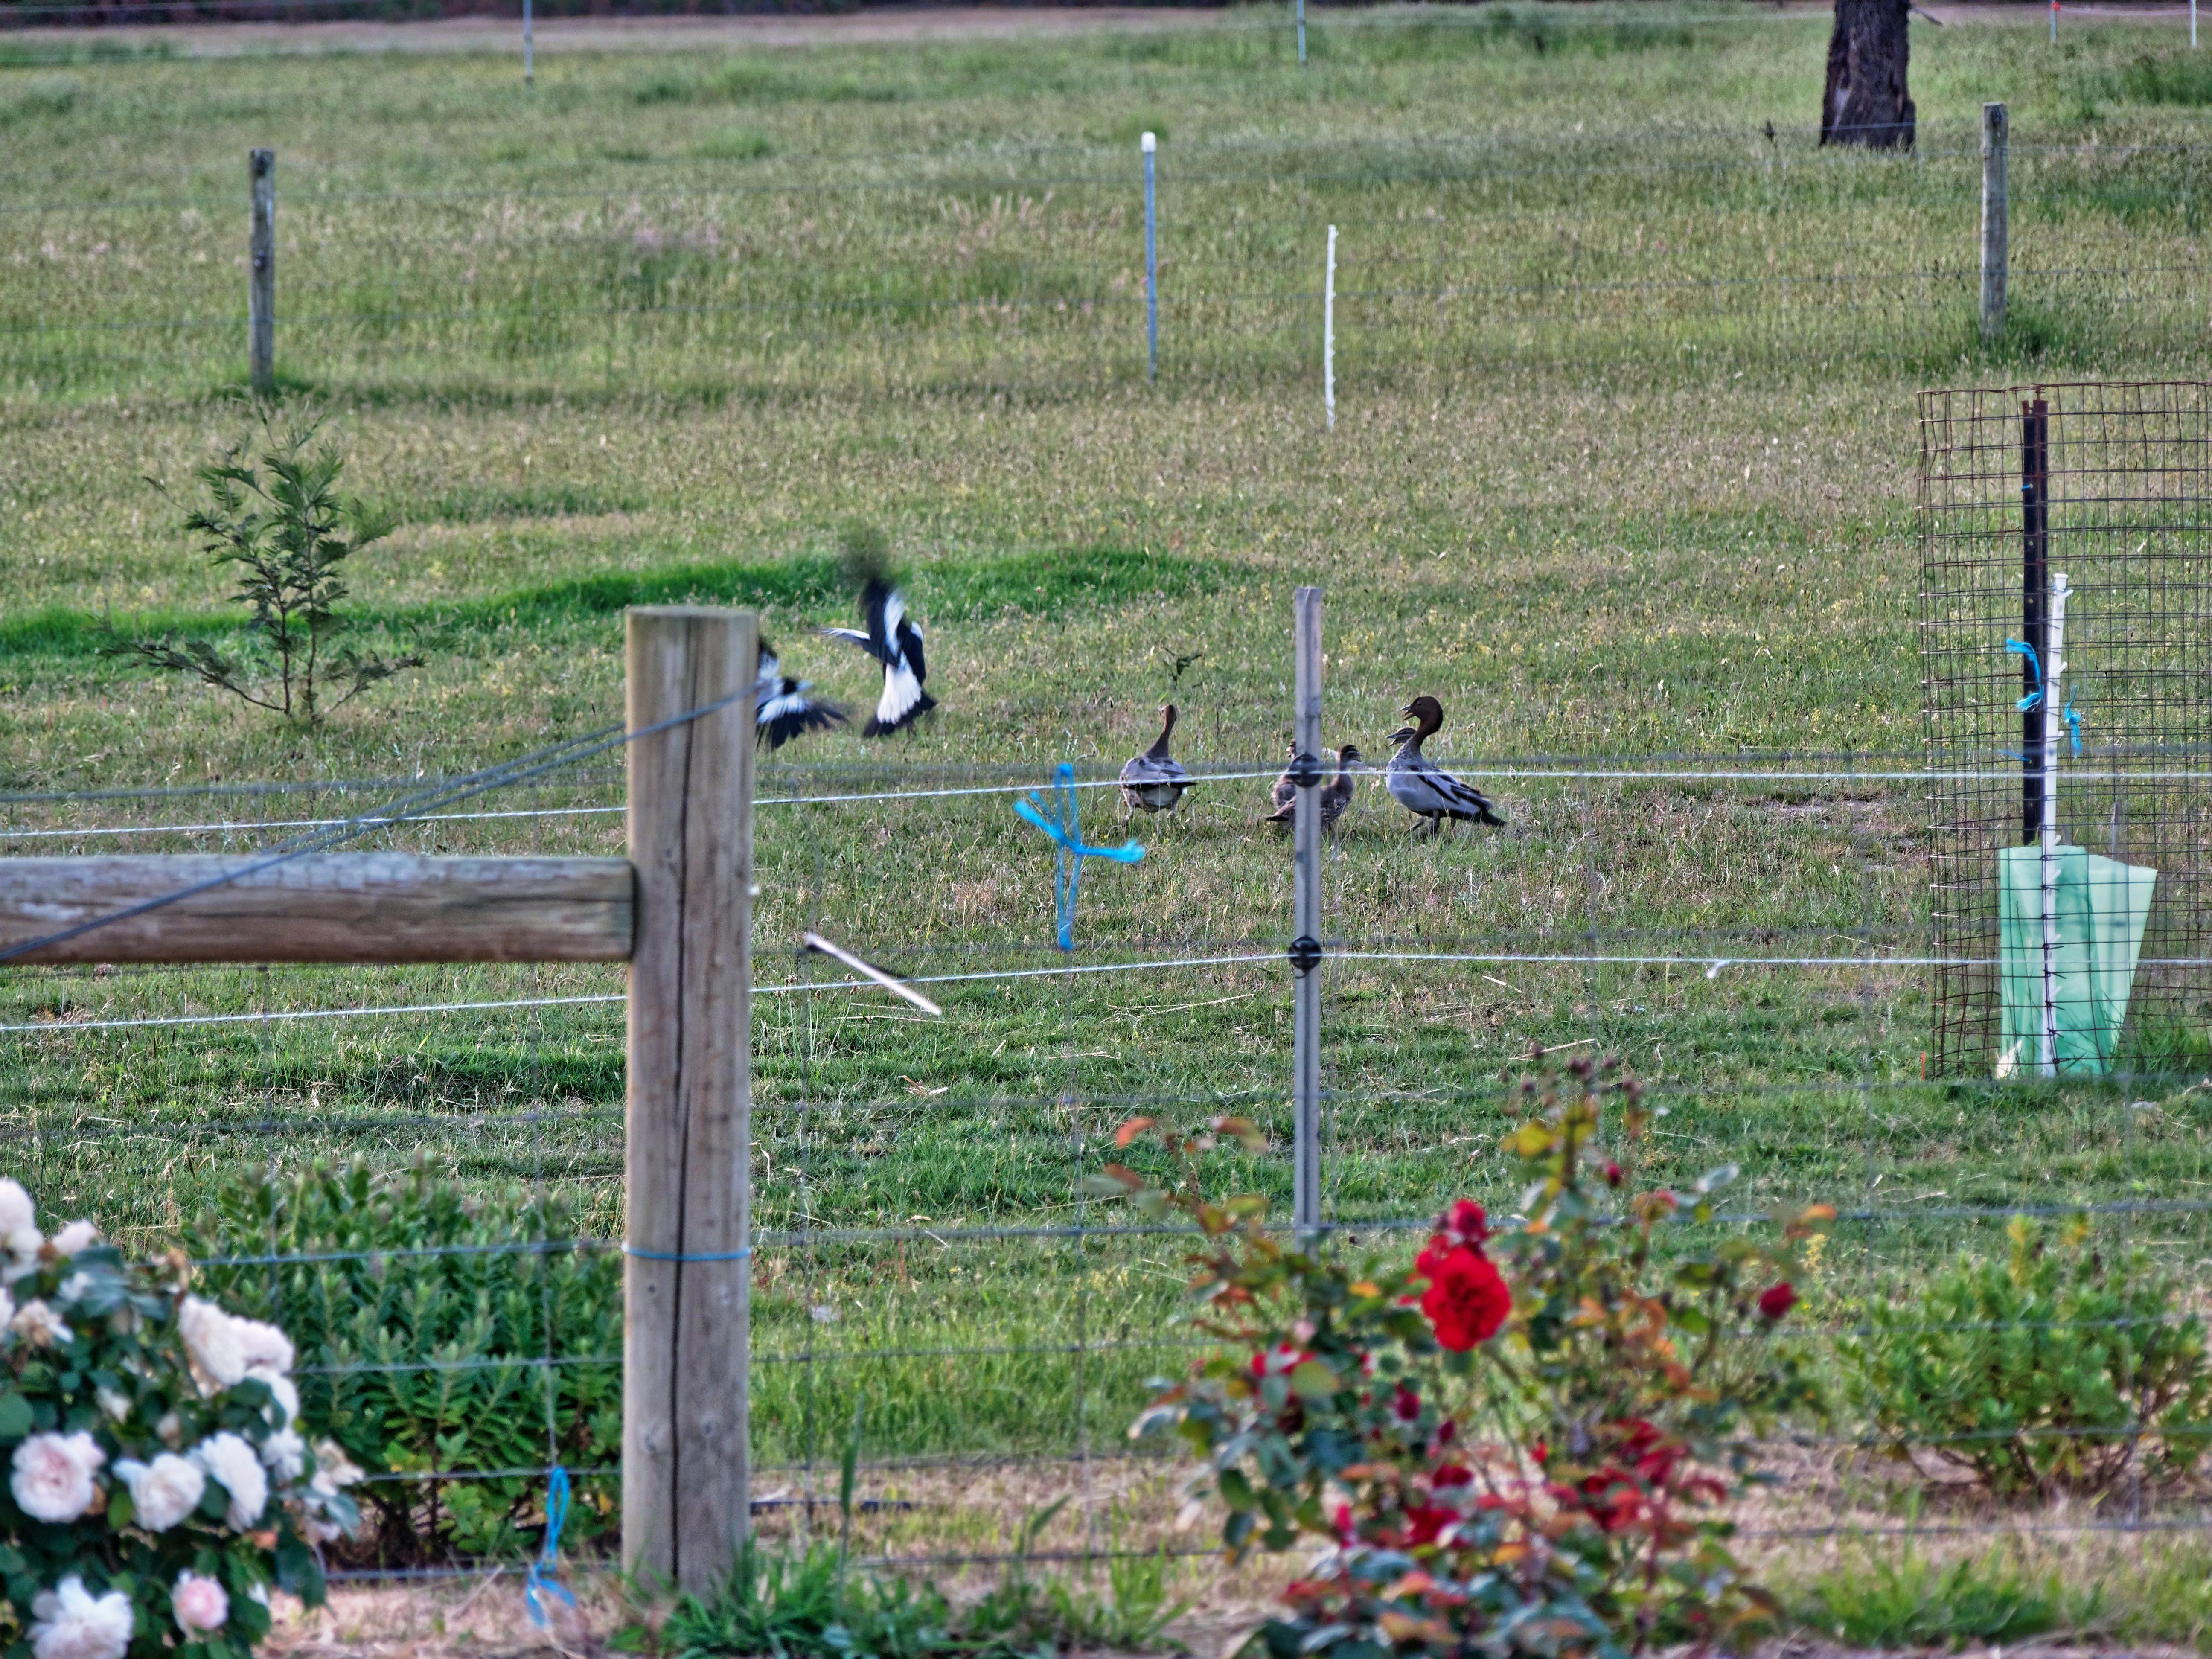 Magpies-and-ducks-10.jpeg